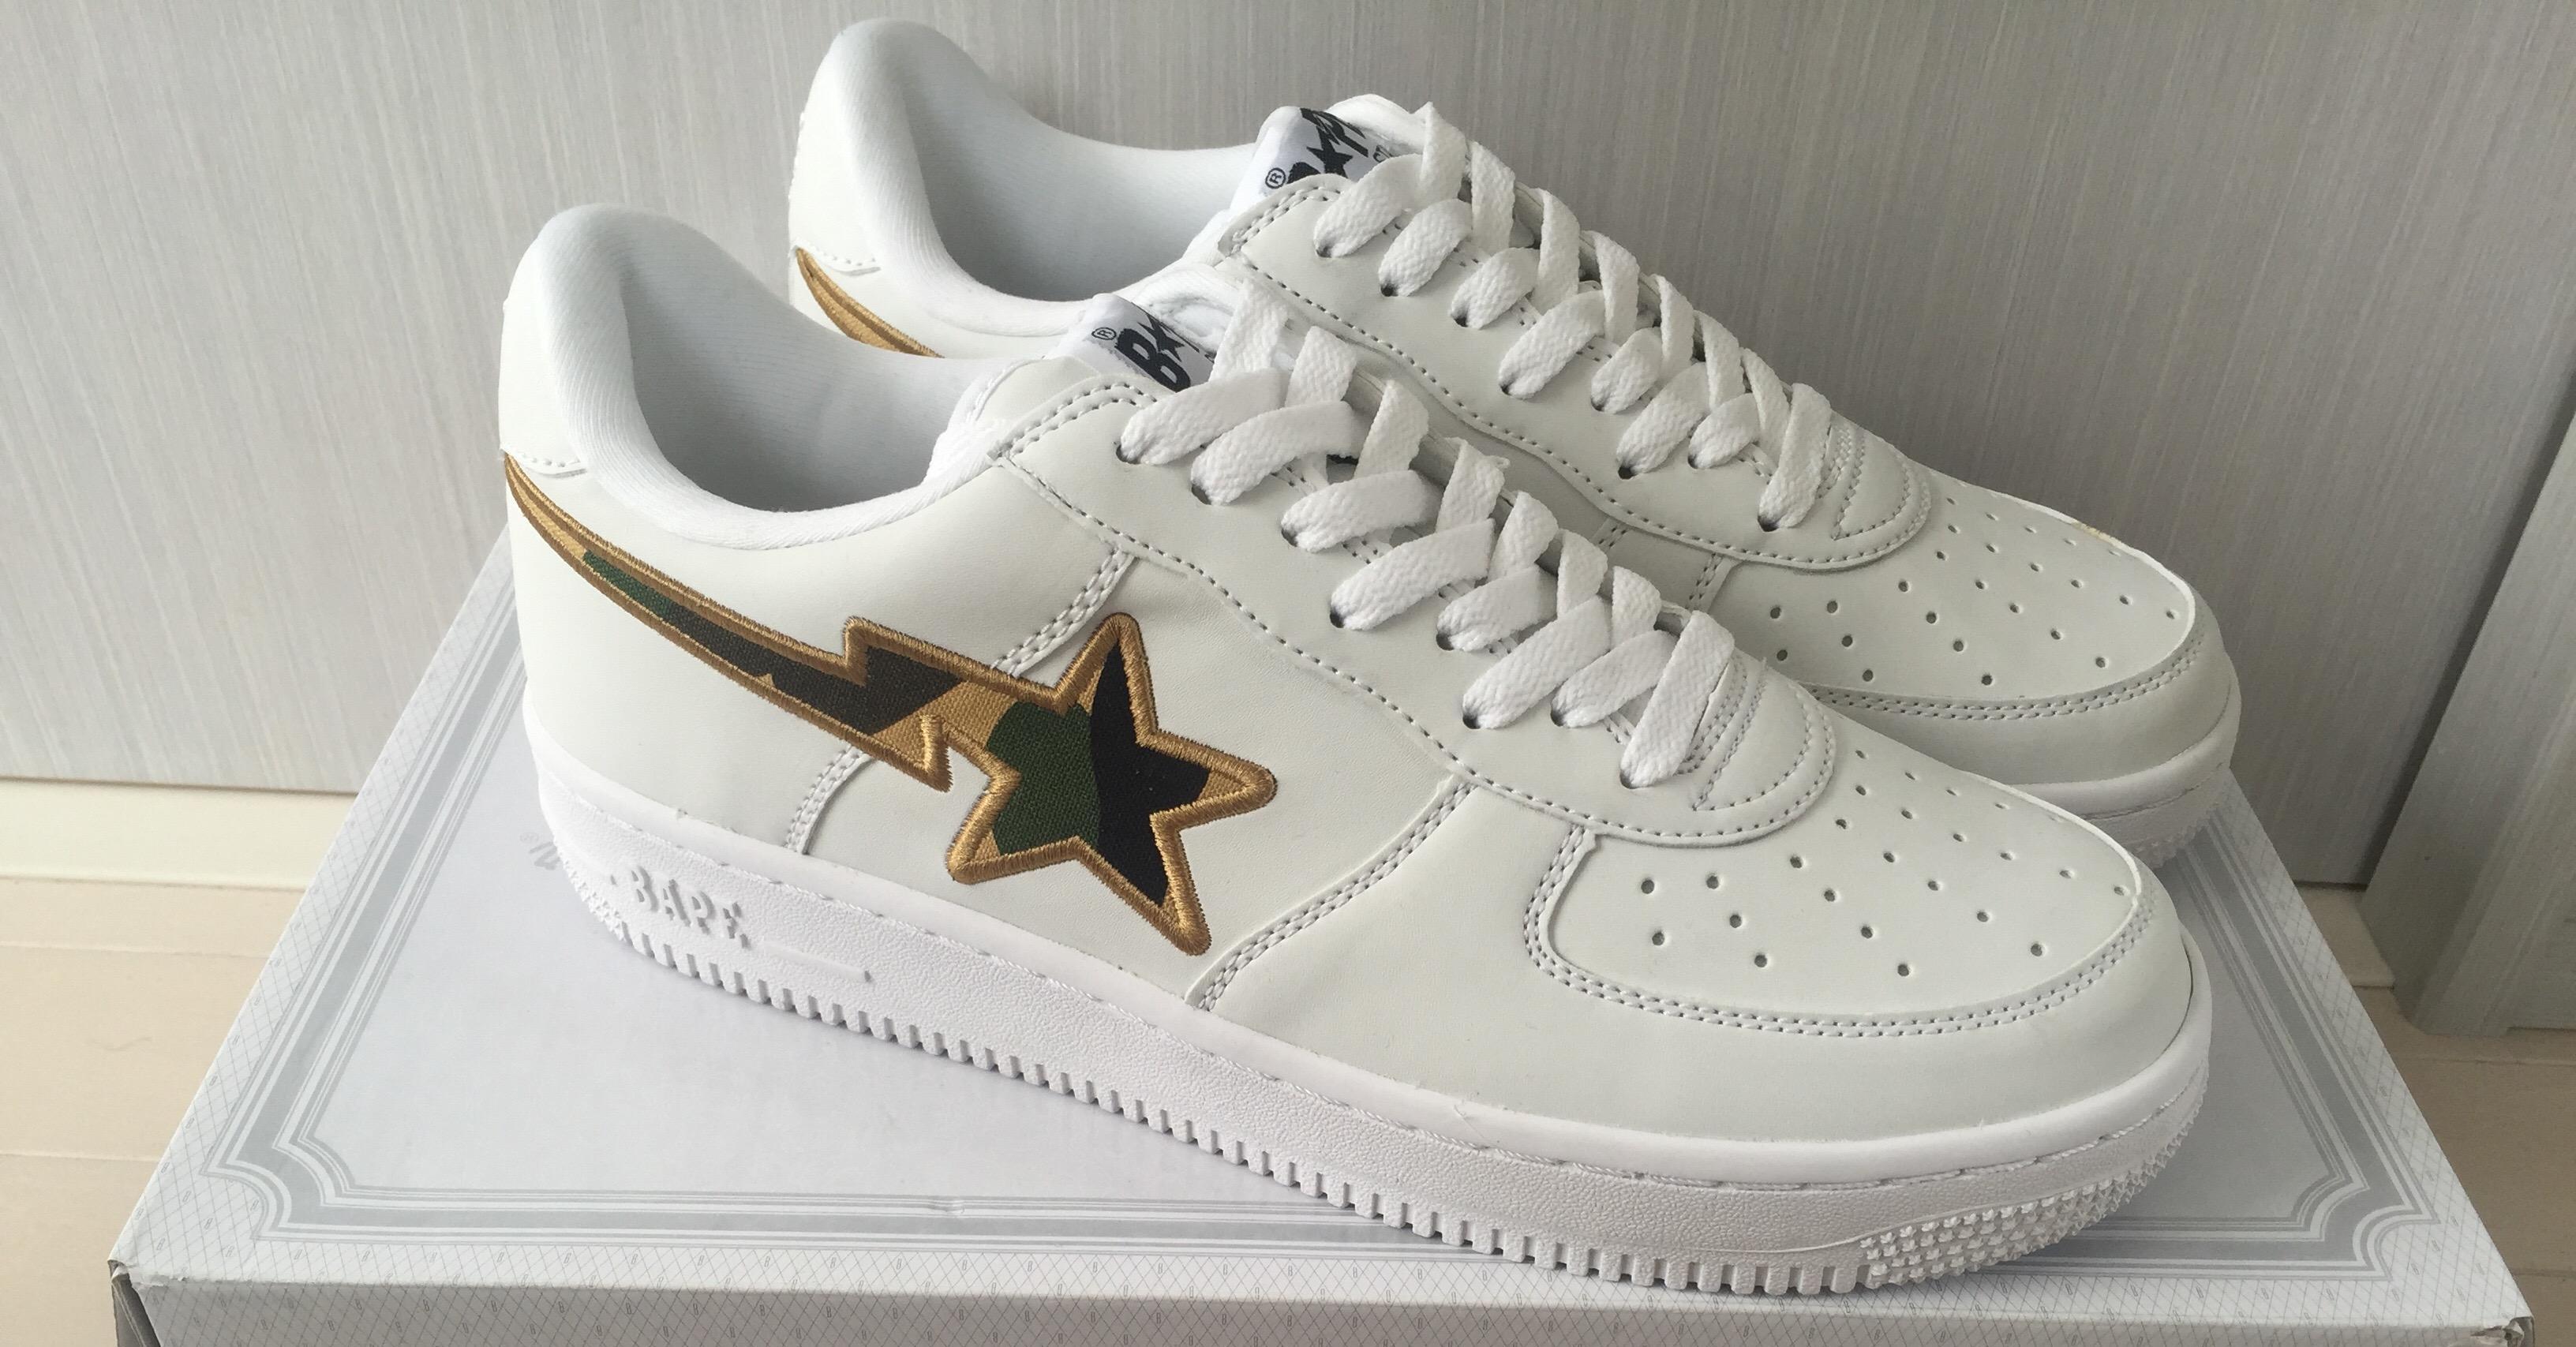 fe67e4c61826f Bape Bapesta White/yellow Camo Shoes | Grailed